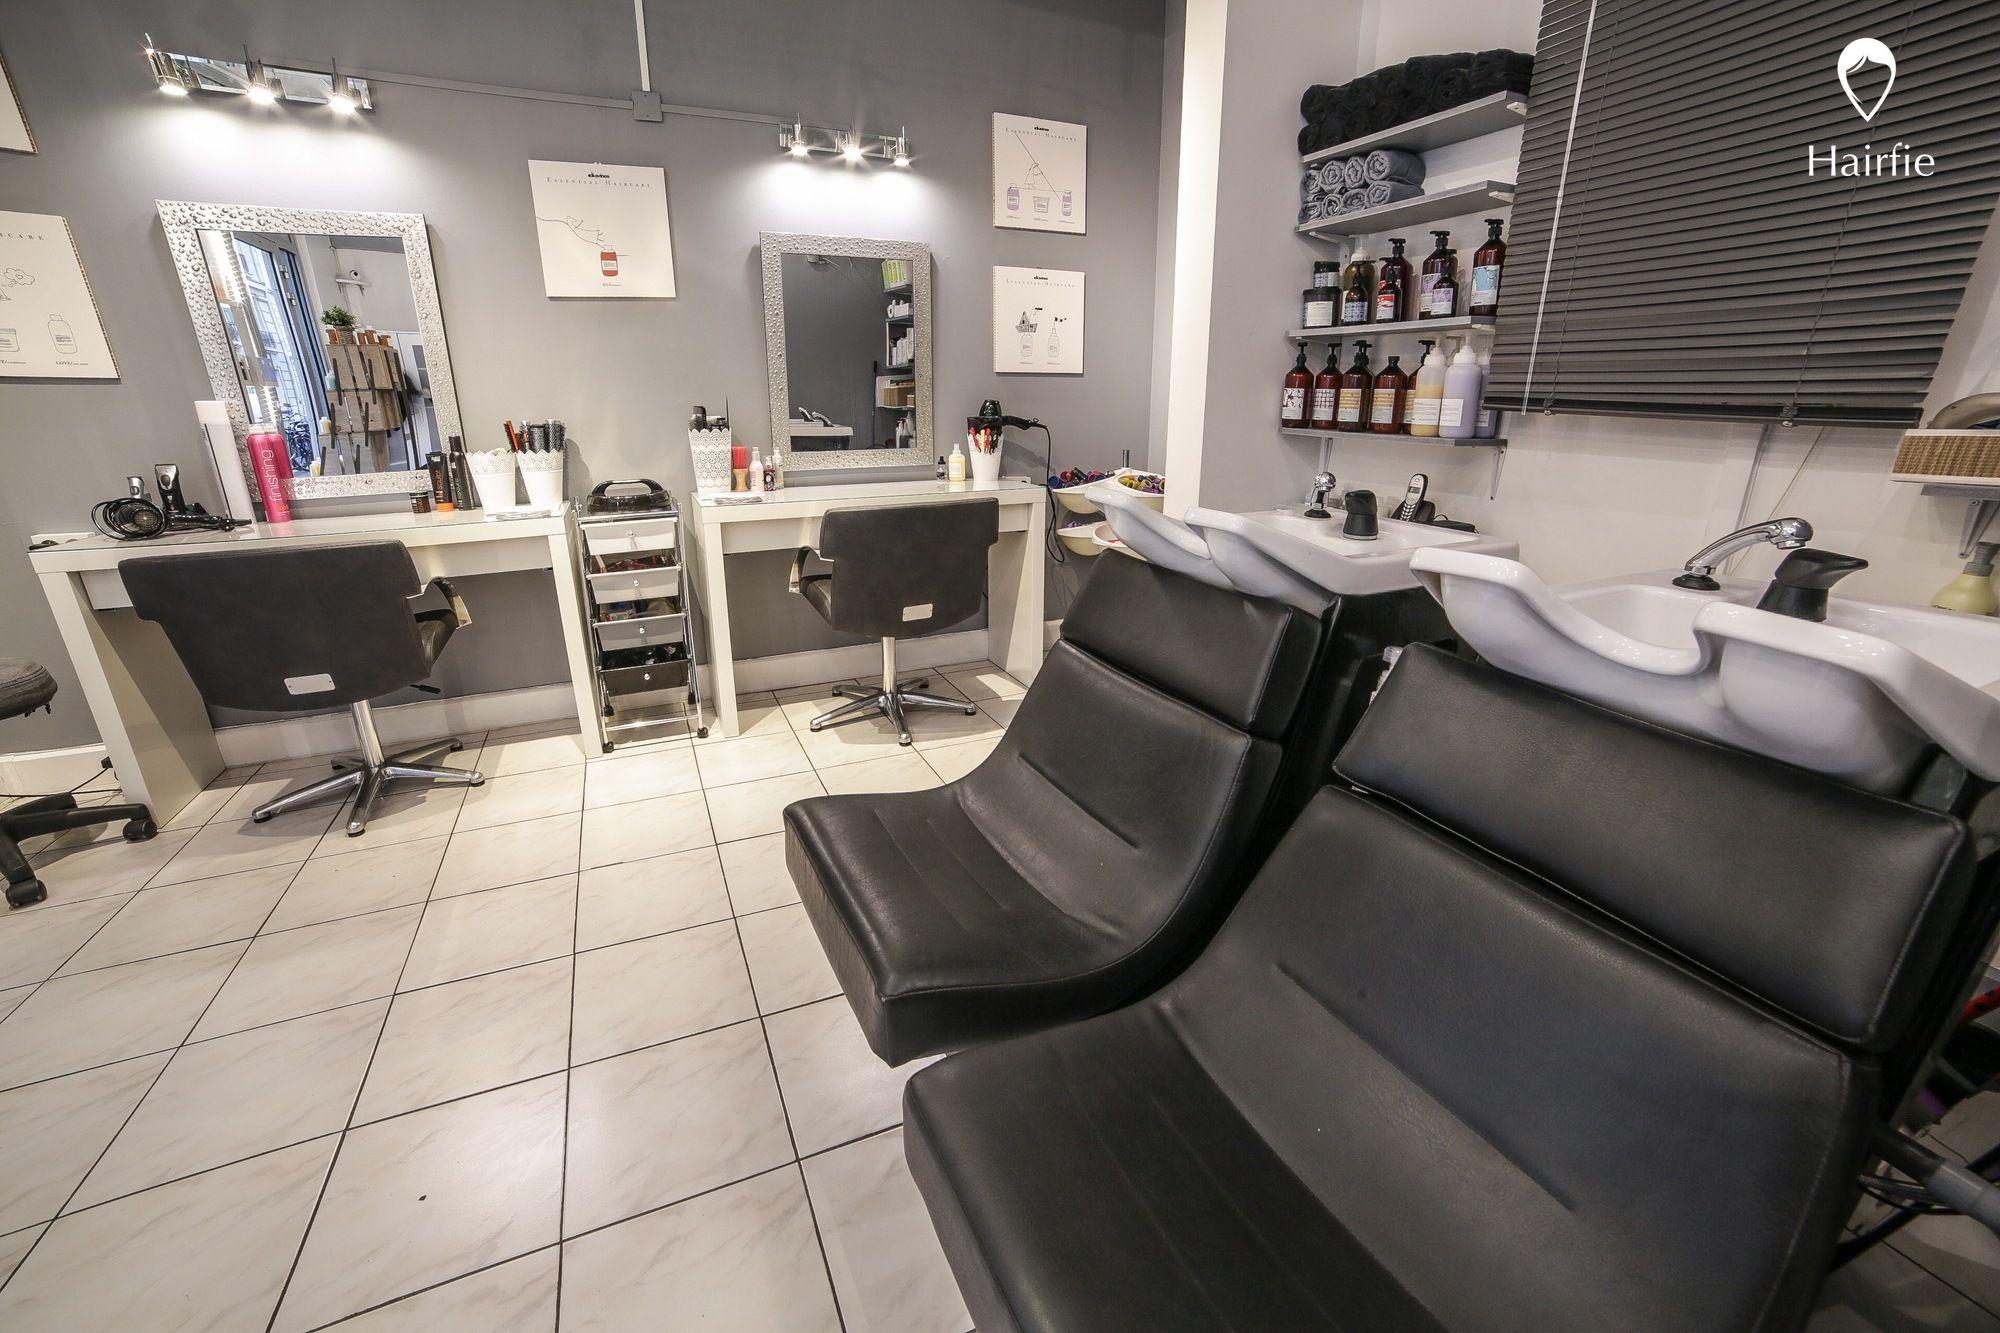 38+ Salon de coiffure la vache noire arcueil le dernier